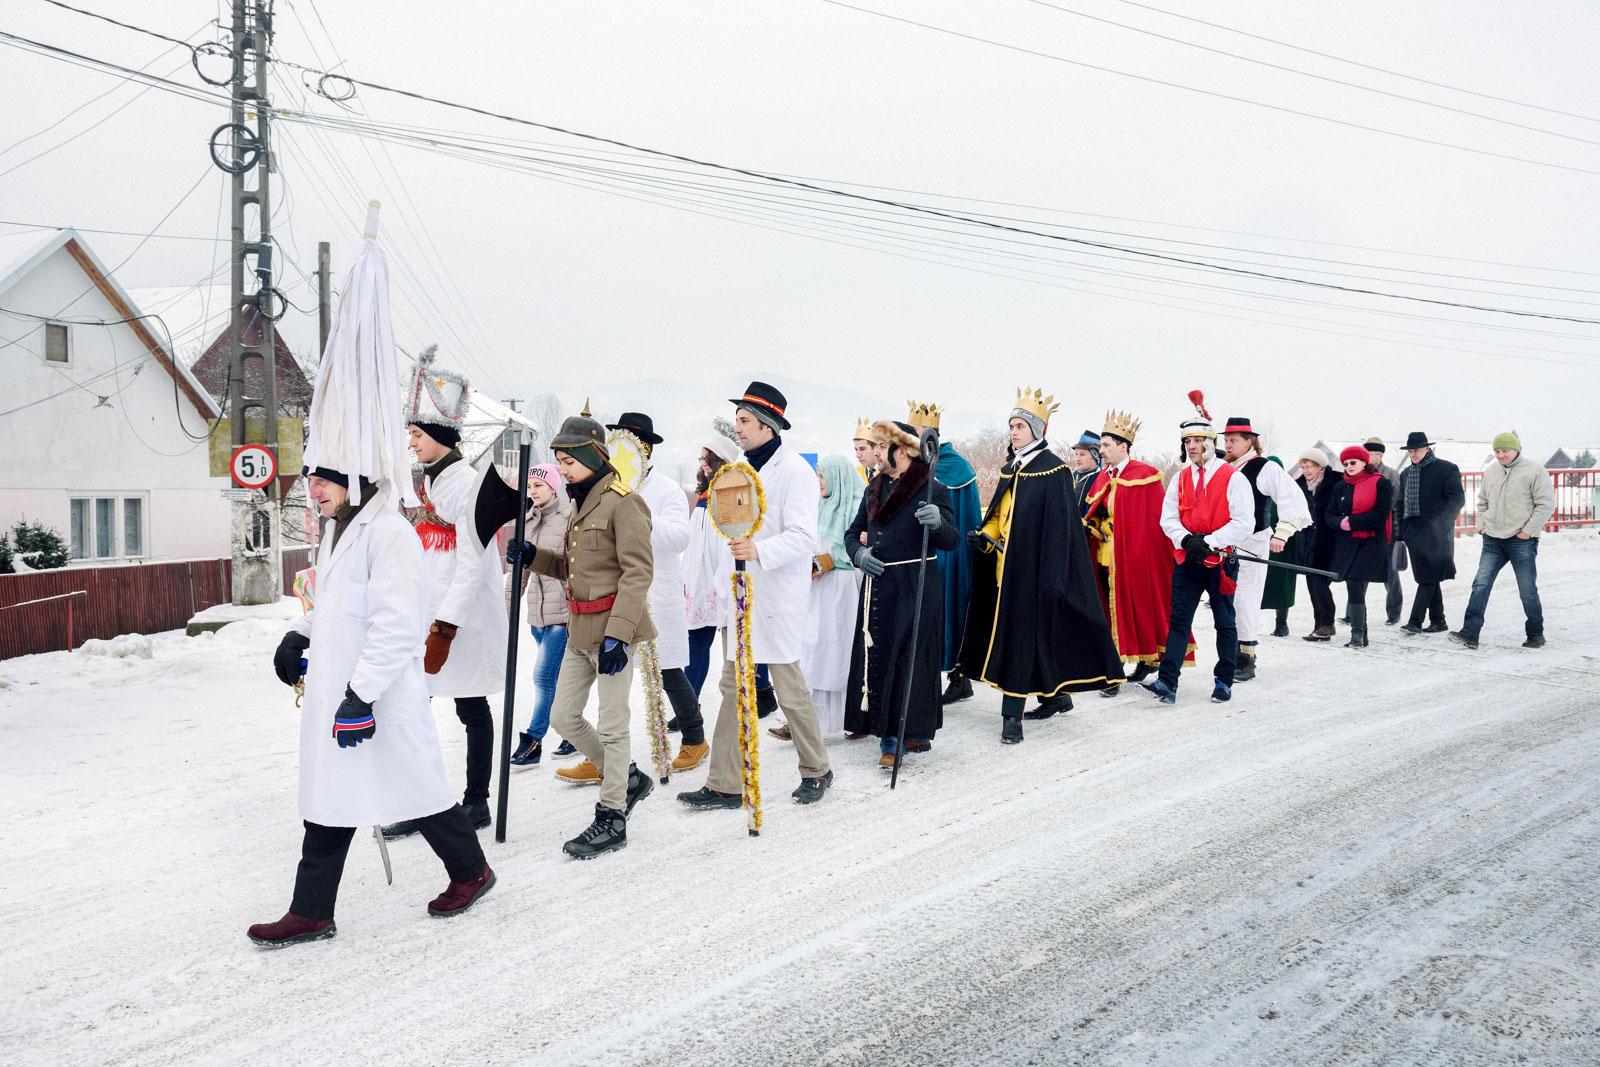 Zipser auf dem Weg in die katholische Kirche, Viseu de Sus, Karpaten